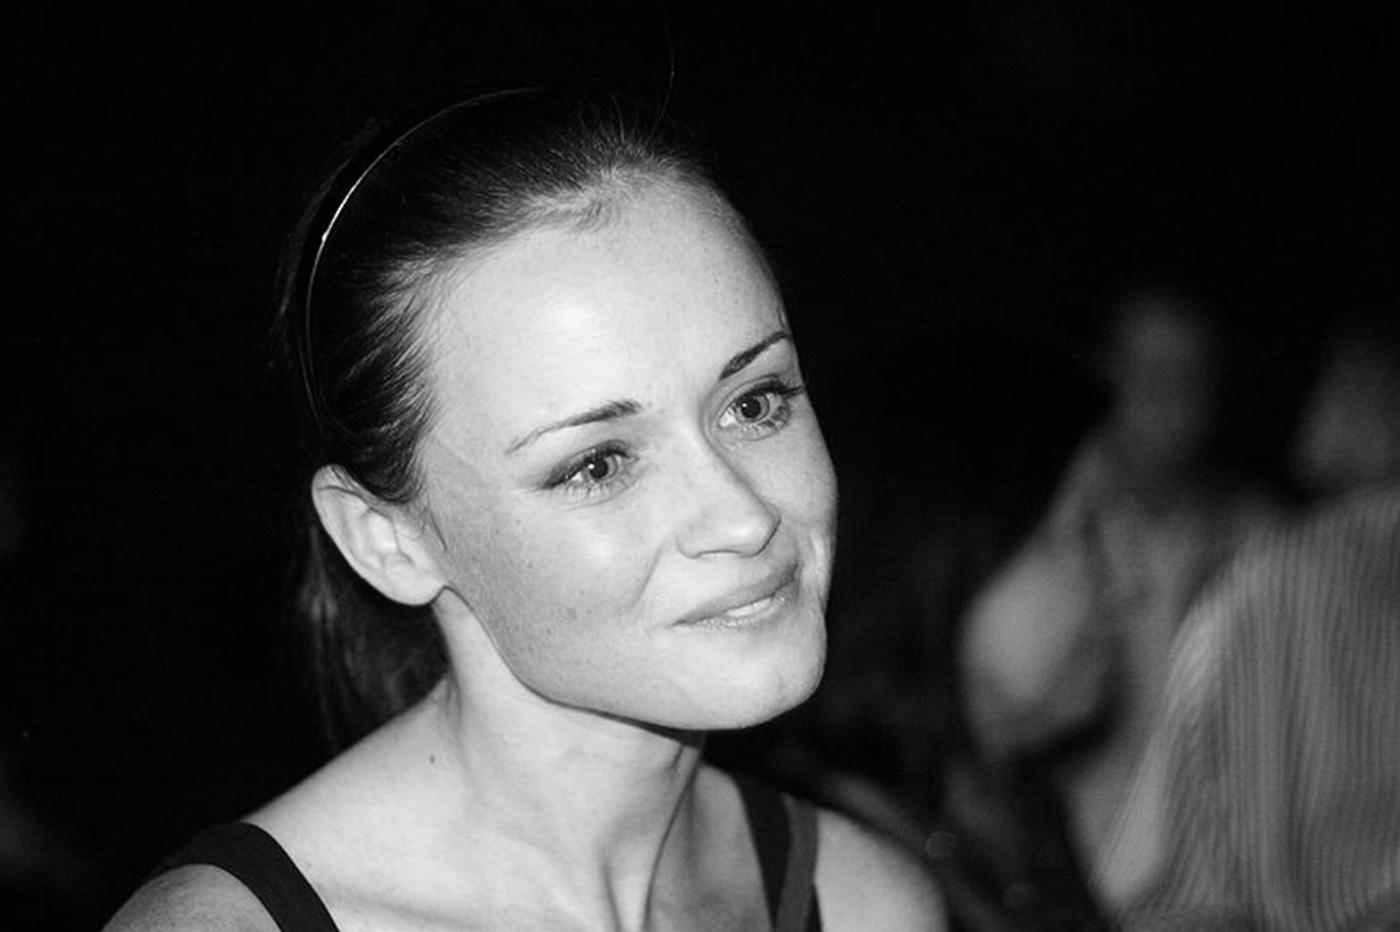 actrice Alexis Bledel